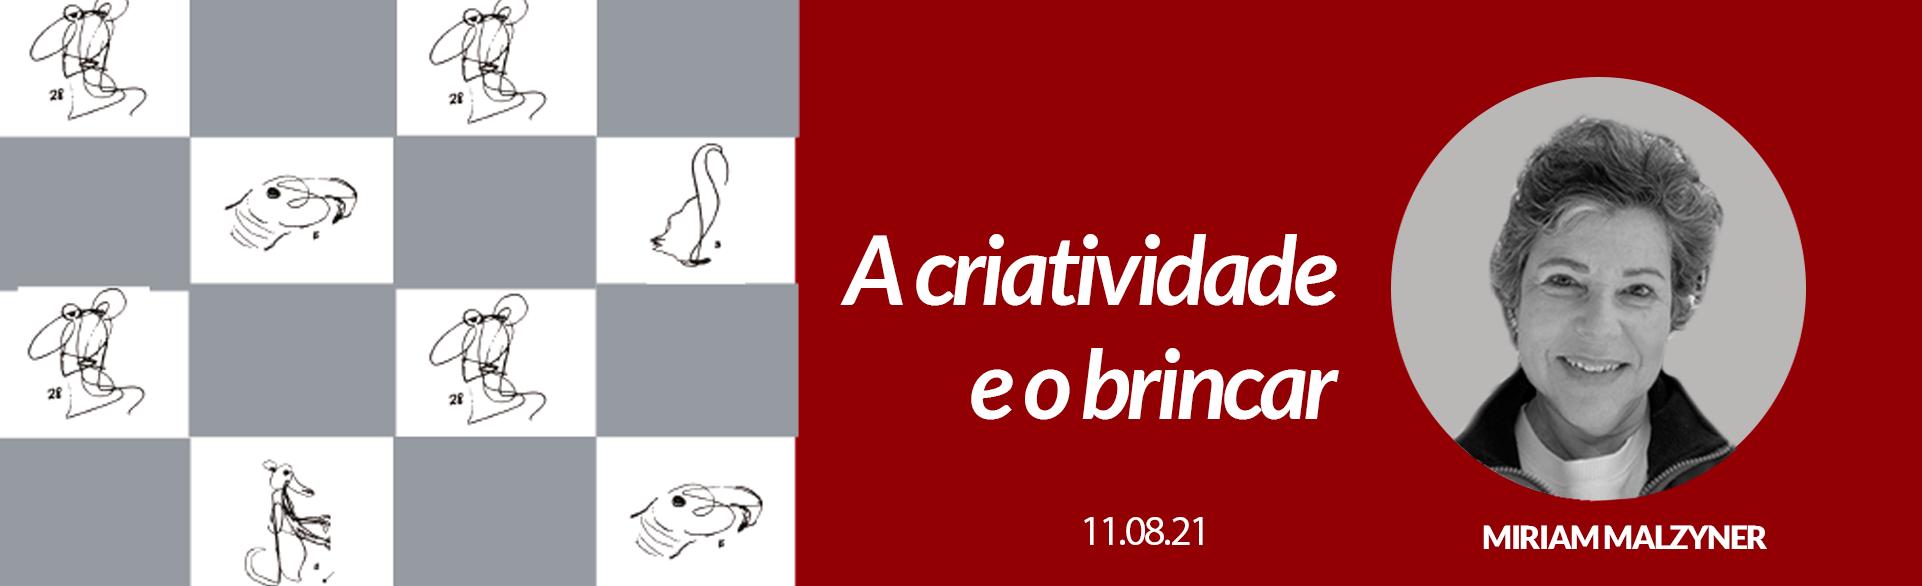 A CRIATIVIDADE E O BRINCAR